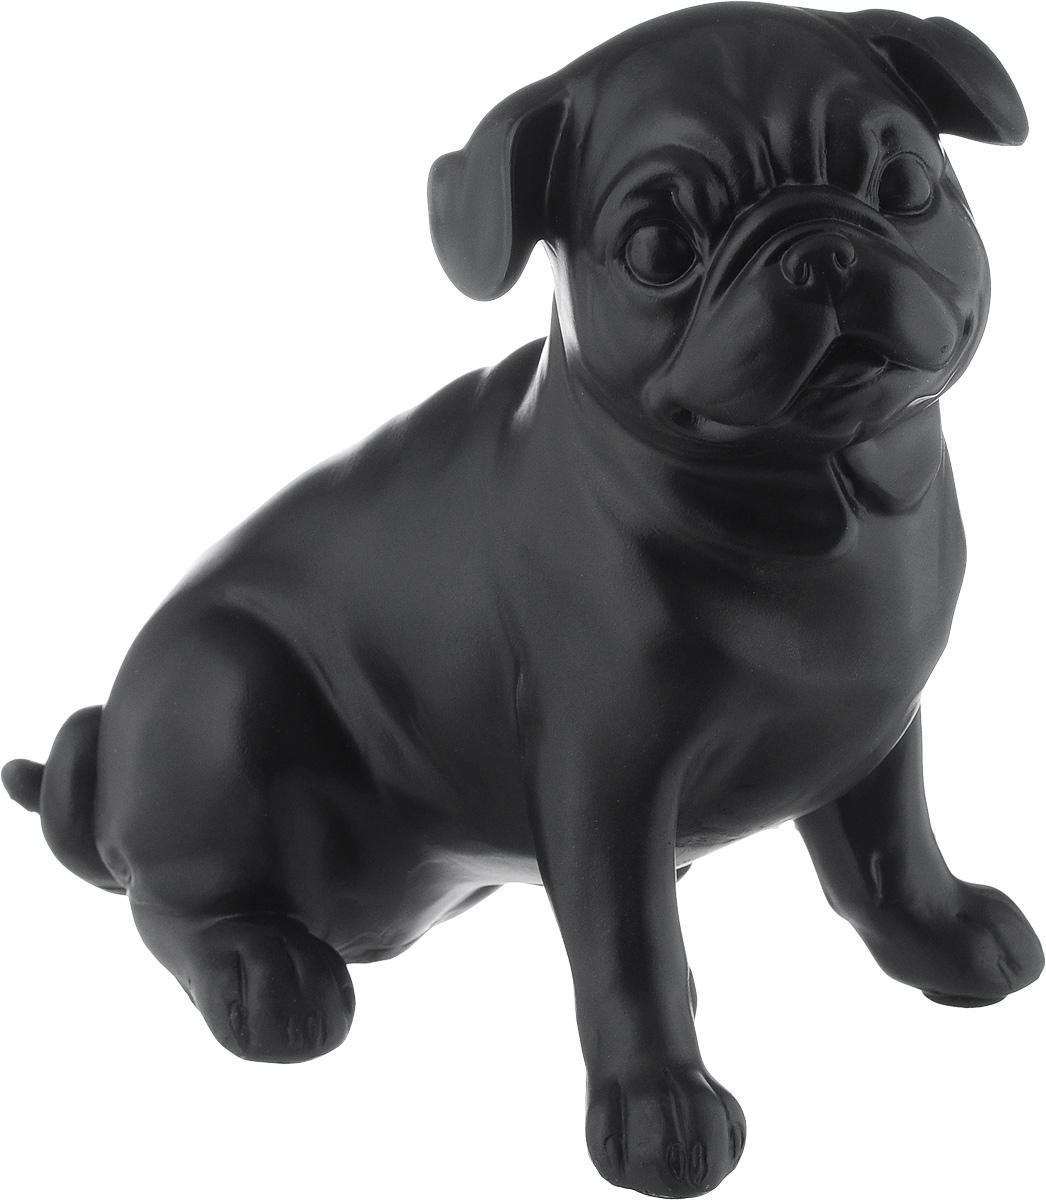 Фигурка декоративная Magic Home Мопс, 19,3 х 12 х 18,5 см44421Декоративная фигурка Magic Home Мопс изготовлена из полирезина. Изделие выполнено в виде собаки.Вы можете поставить фигурку в любом месте, где она будет удачно смотреться и радовать глаз. Сувенир отлично подойдет в качестве подарка близким или друзьям.